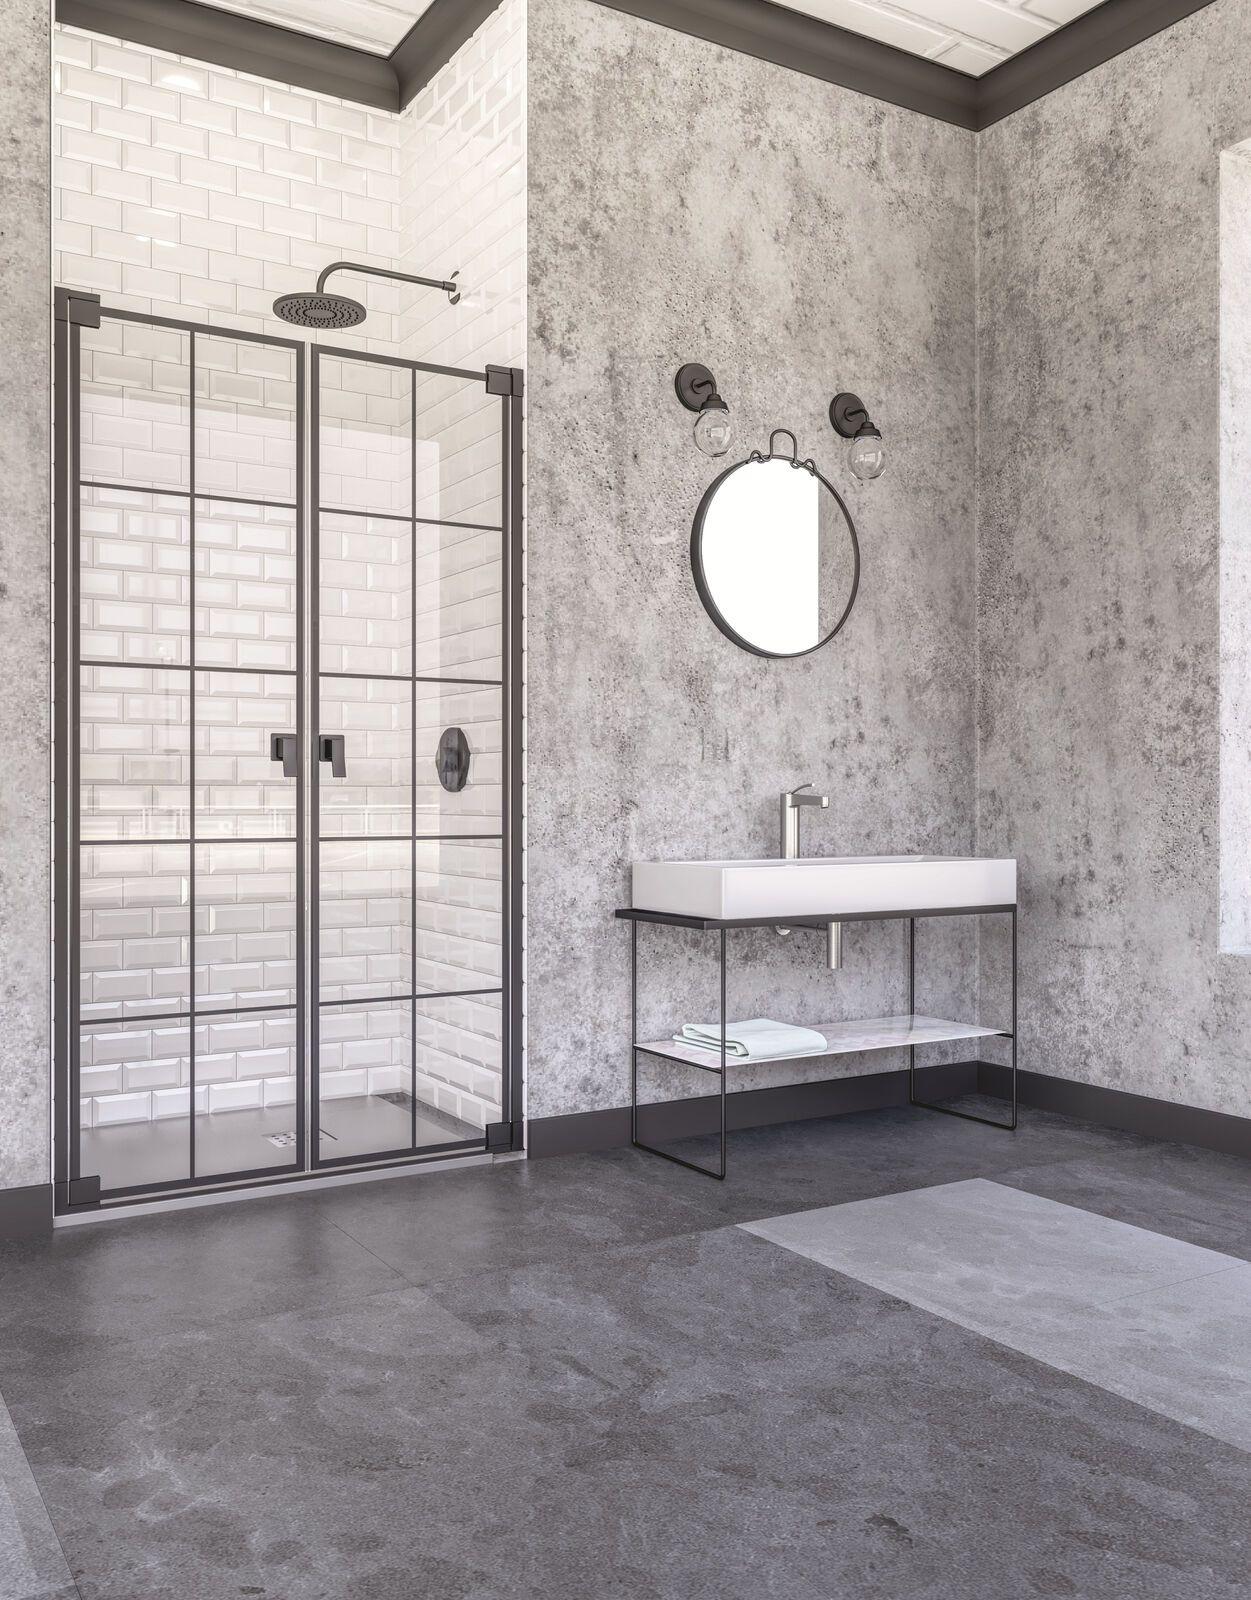 Mobel Im Vintage Stil Wohnaccessoires Im Shabby Chic Wohnwelten Duschabtrennung Runde Badezimmerspiegel Pendeltur